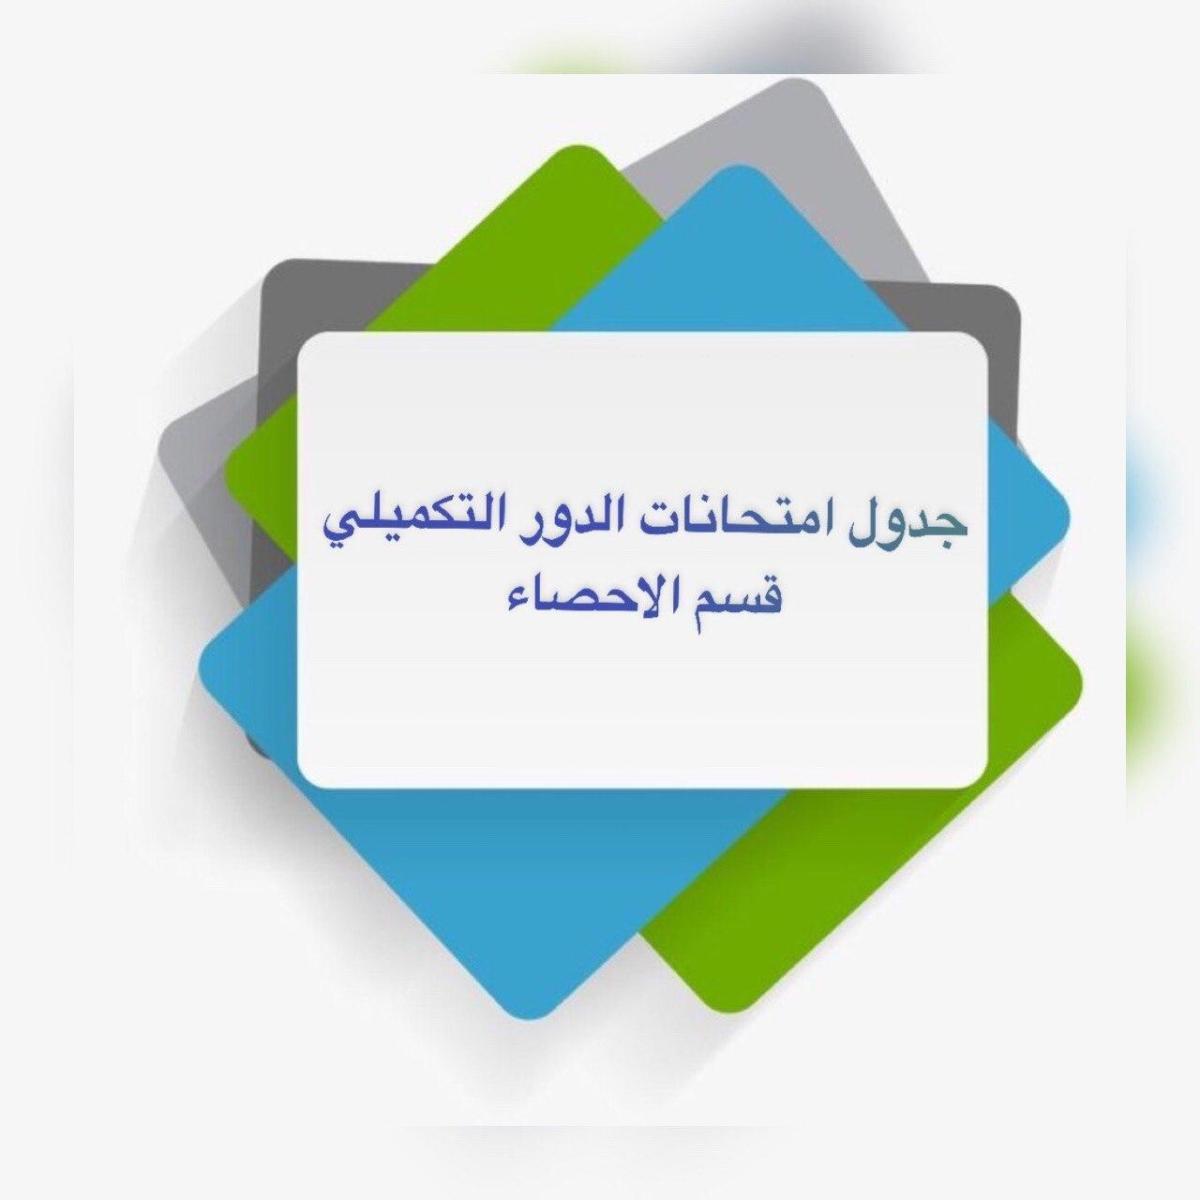 جدول امتحانات الدور التكميلي لــ قسم الاحصاء